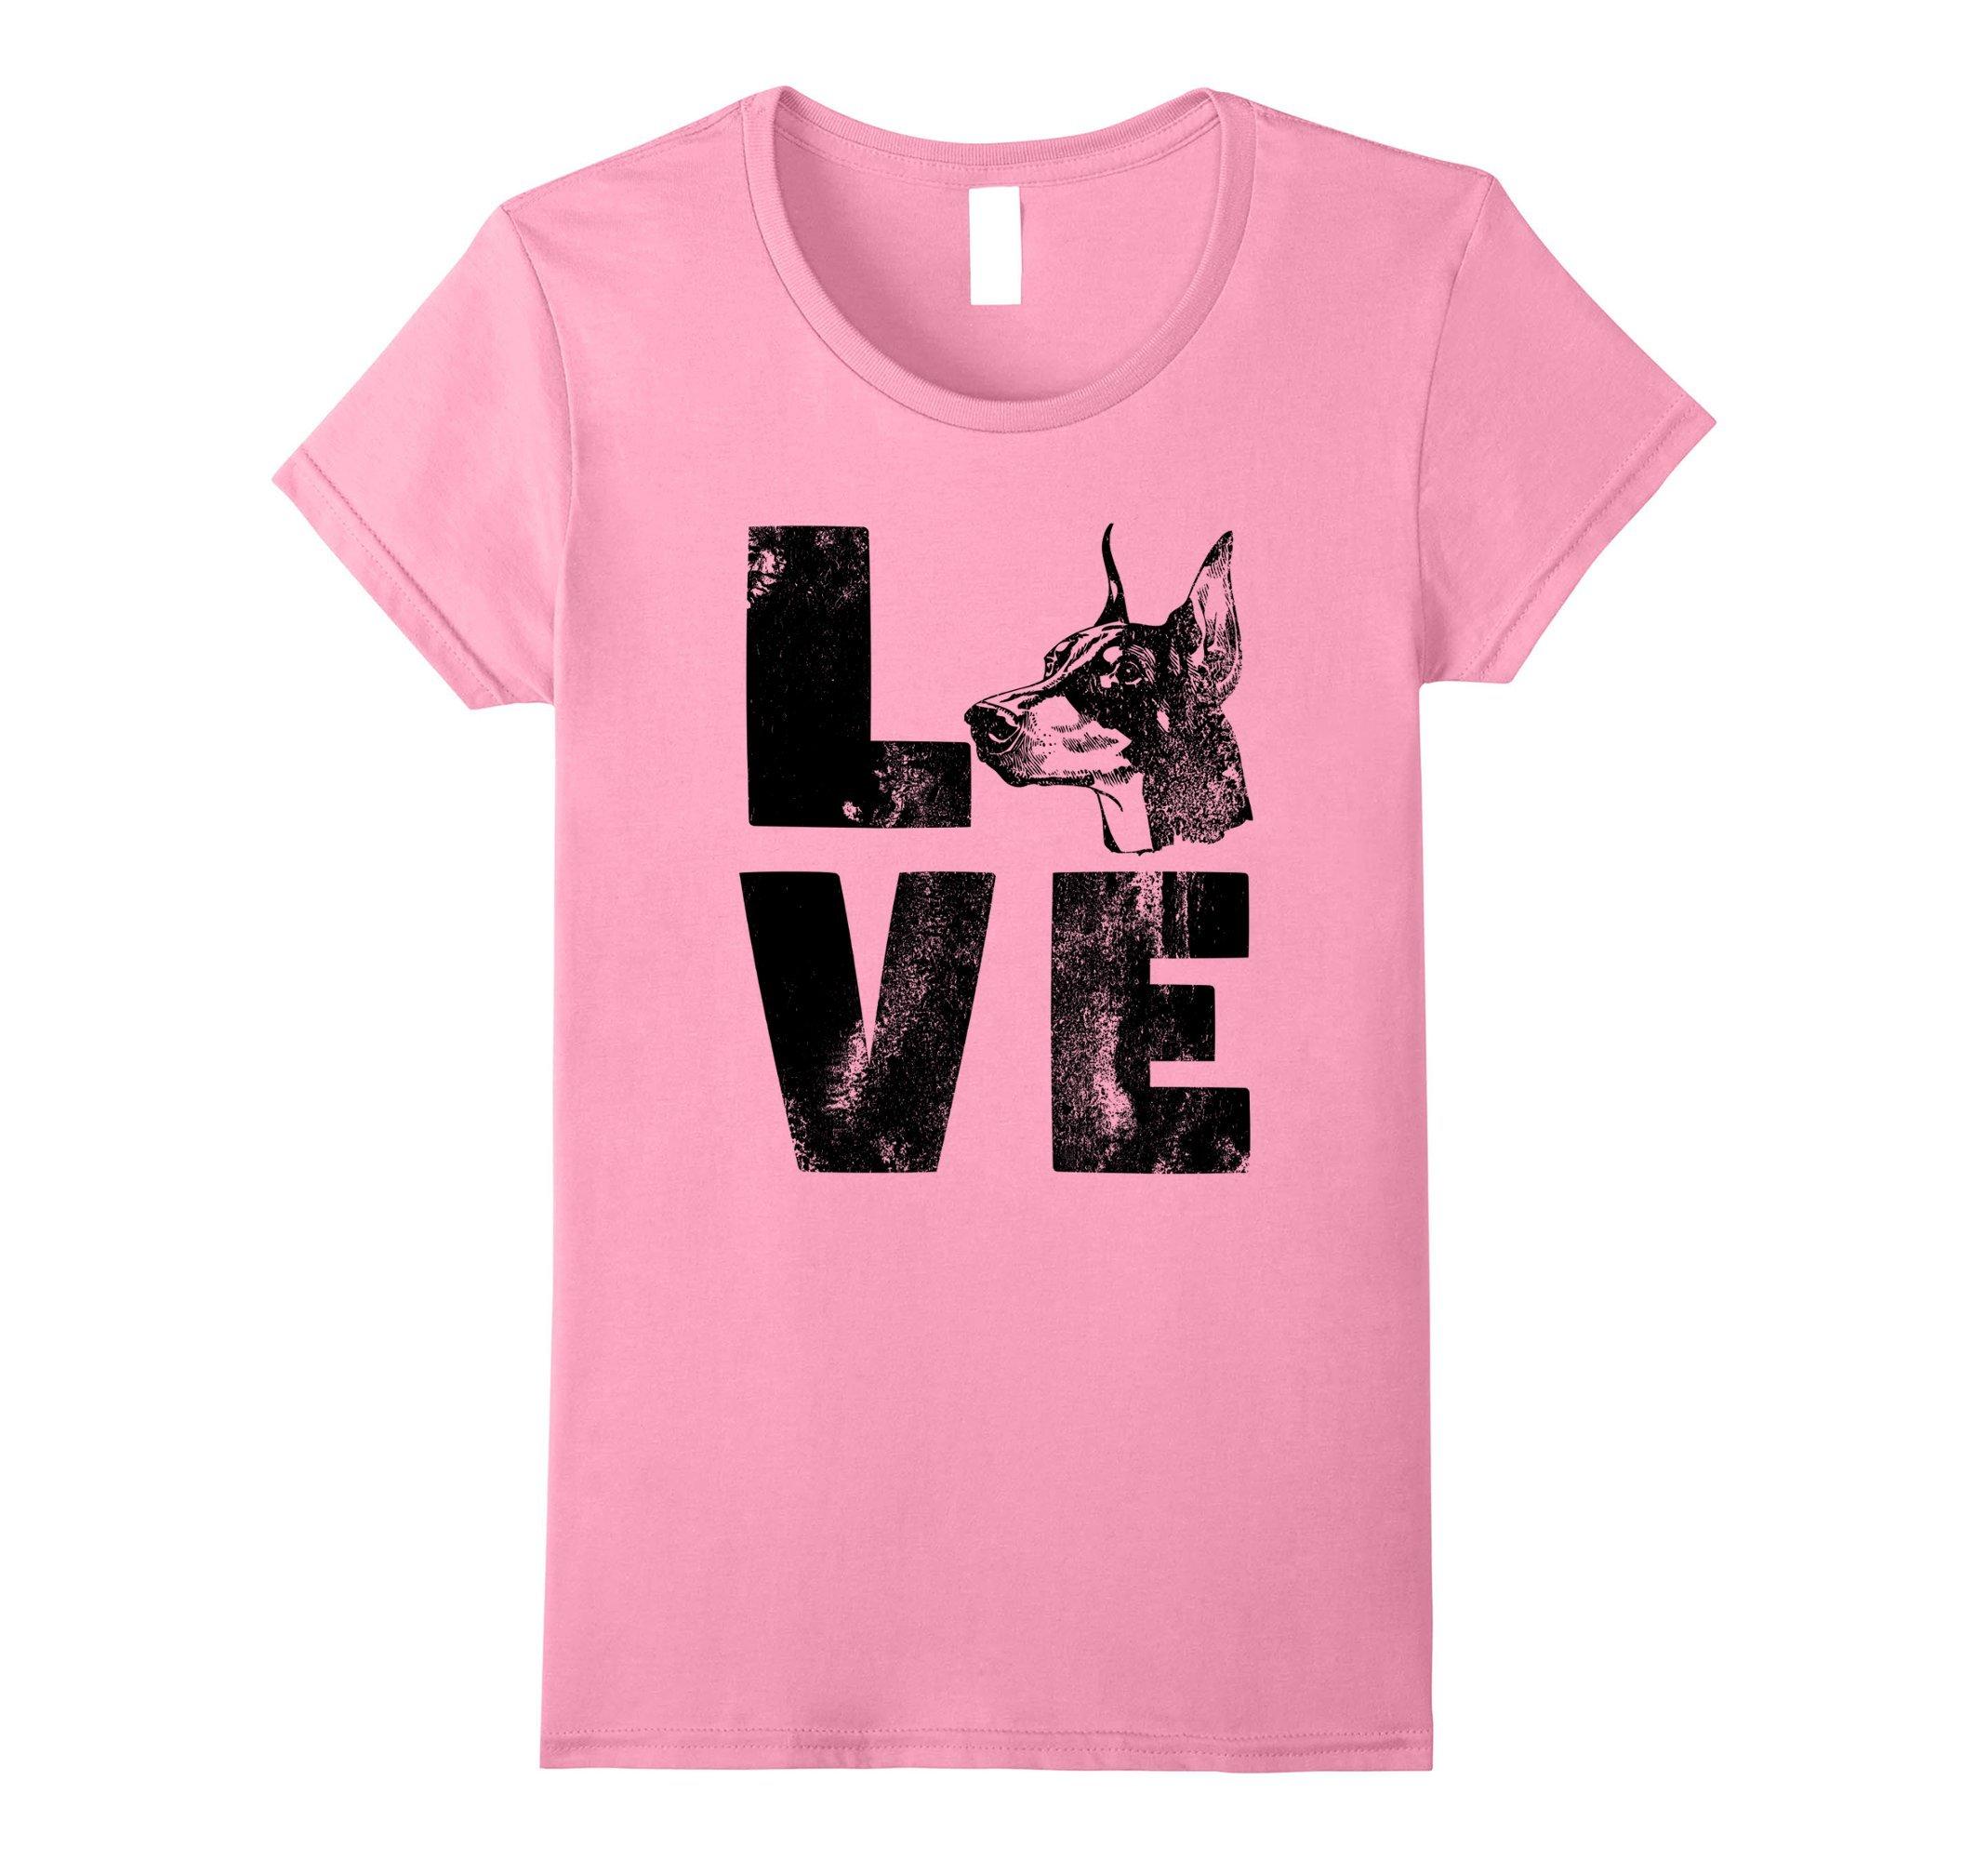 Womens Dog Shirt Love Doberman Pinscher Shirt Dog Lovers Shirt K9 Large Pink